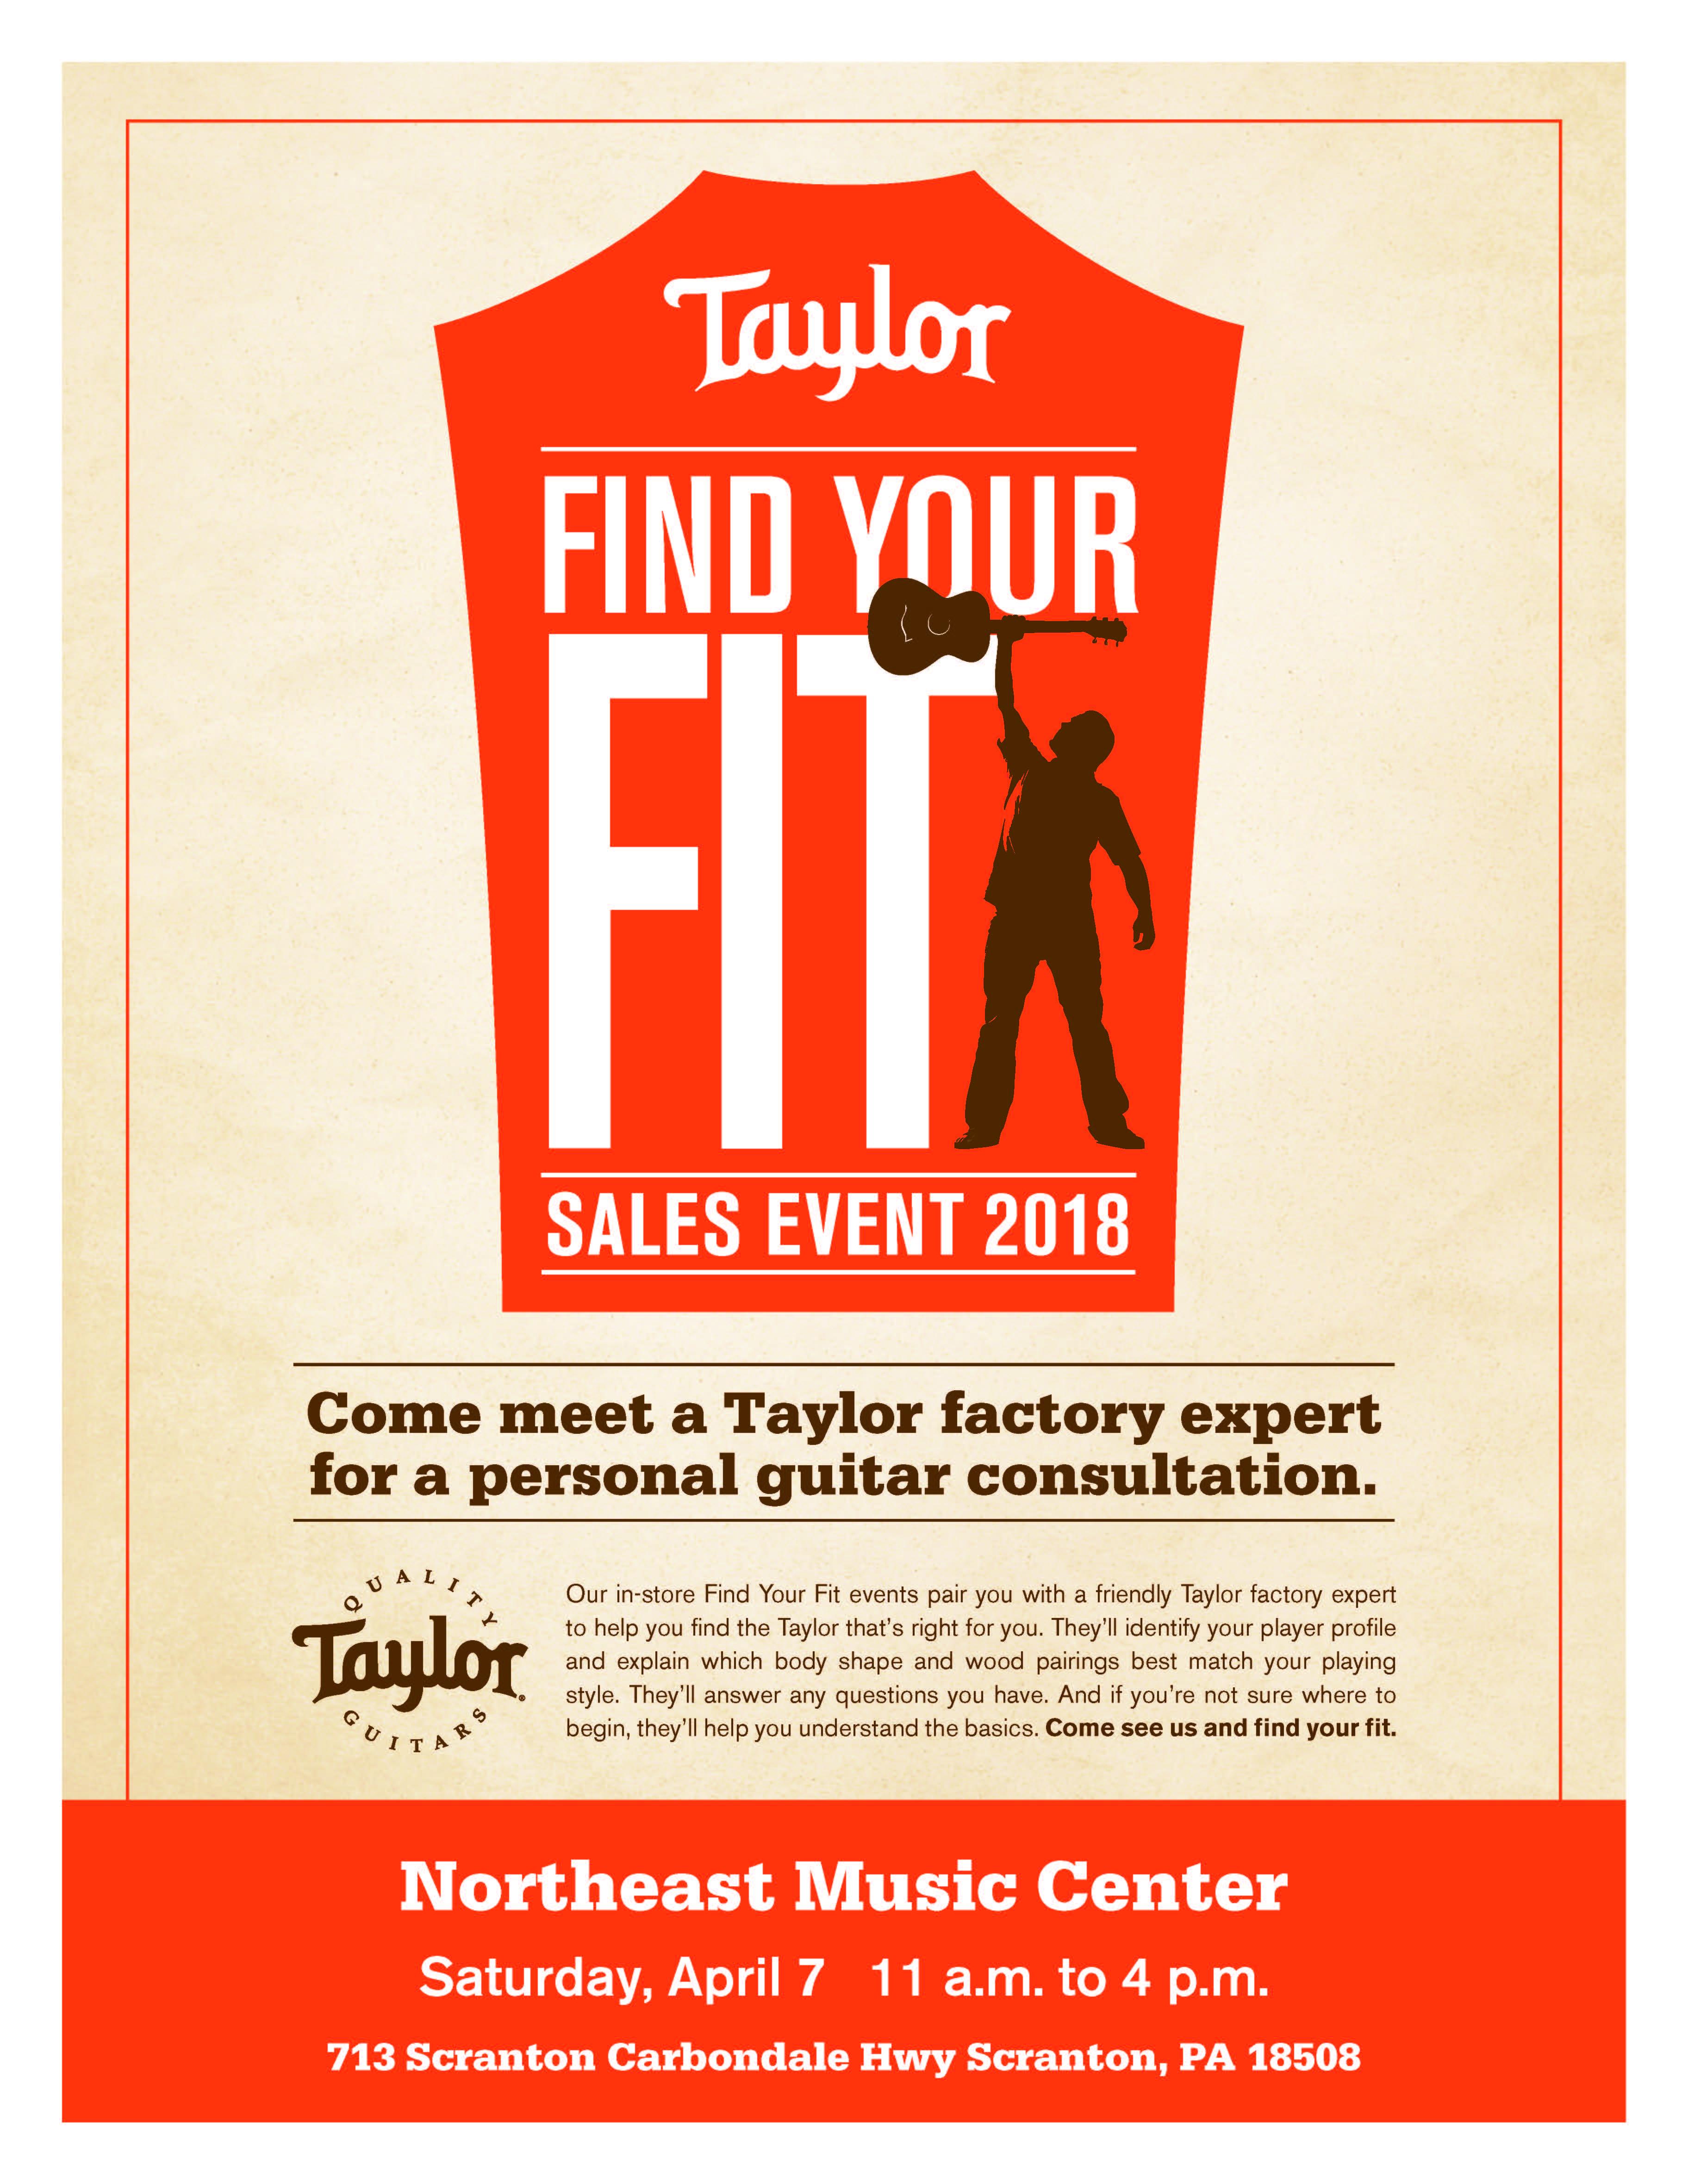 tg-fyf-flyer-northeastmusiccenter-aa.jpg